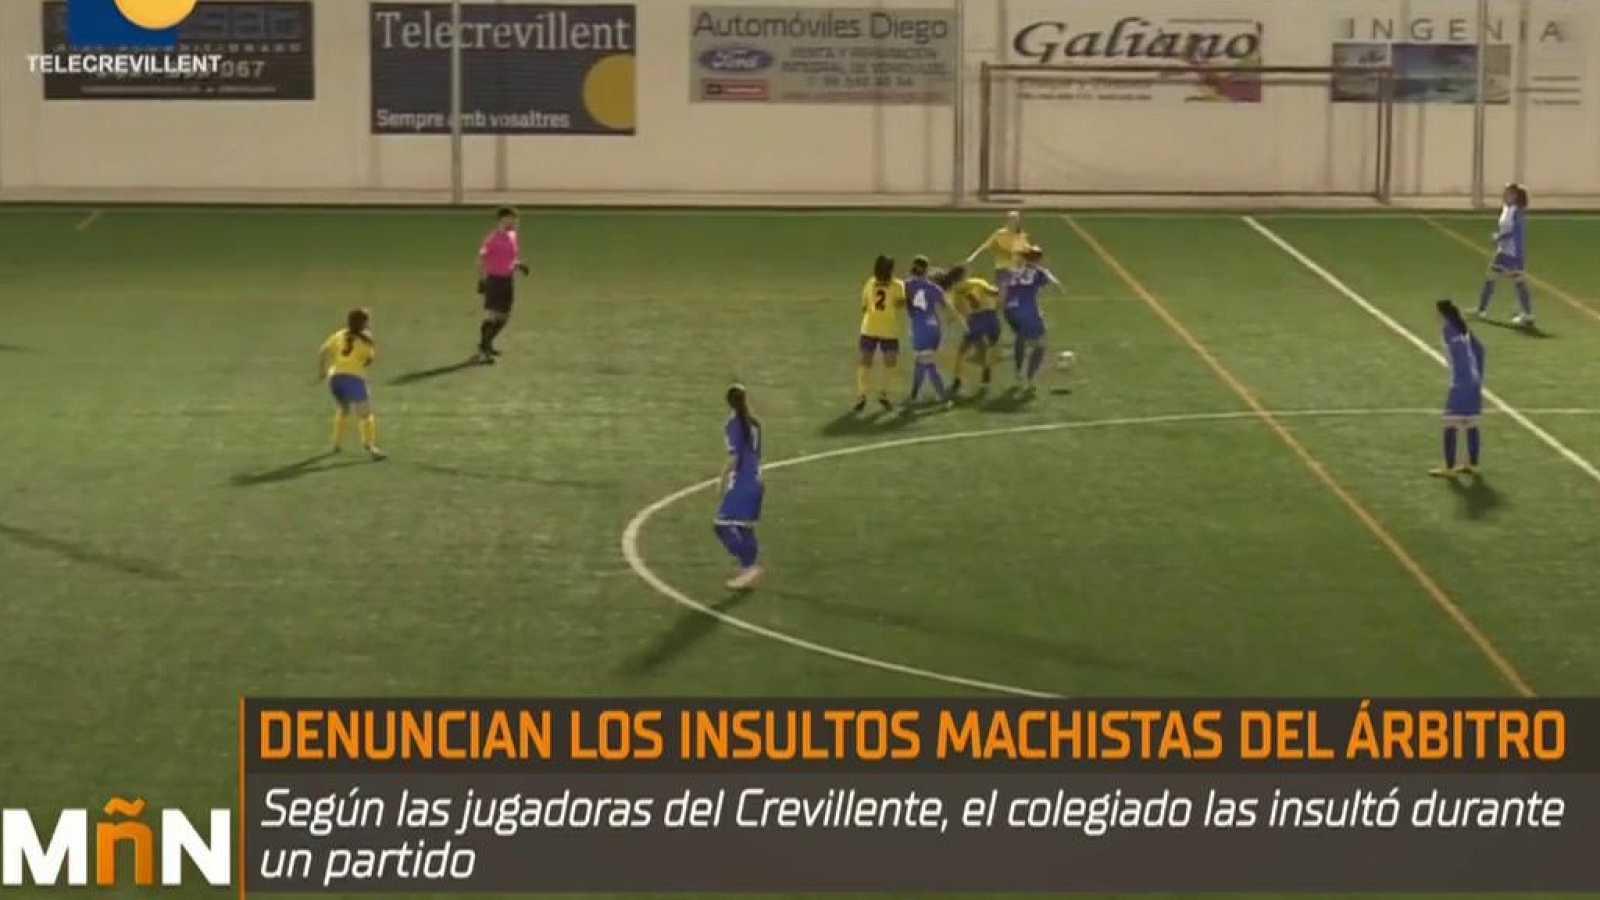 Polémica por supuestos insultos machistas de un árbitro a unas jugadoras durante un partido de fútbol